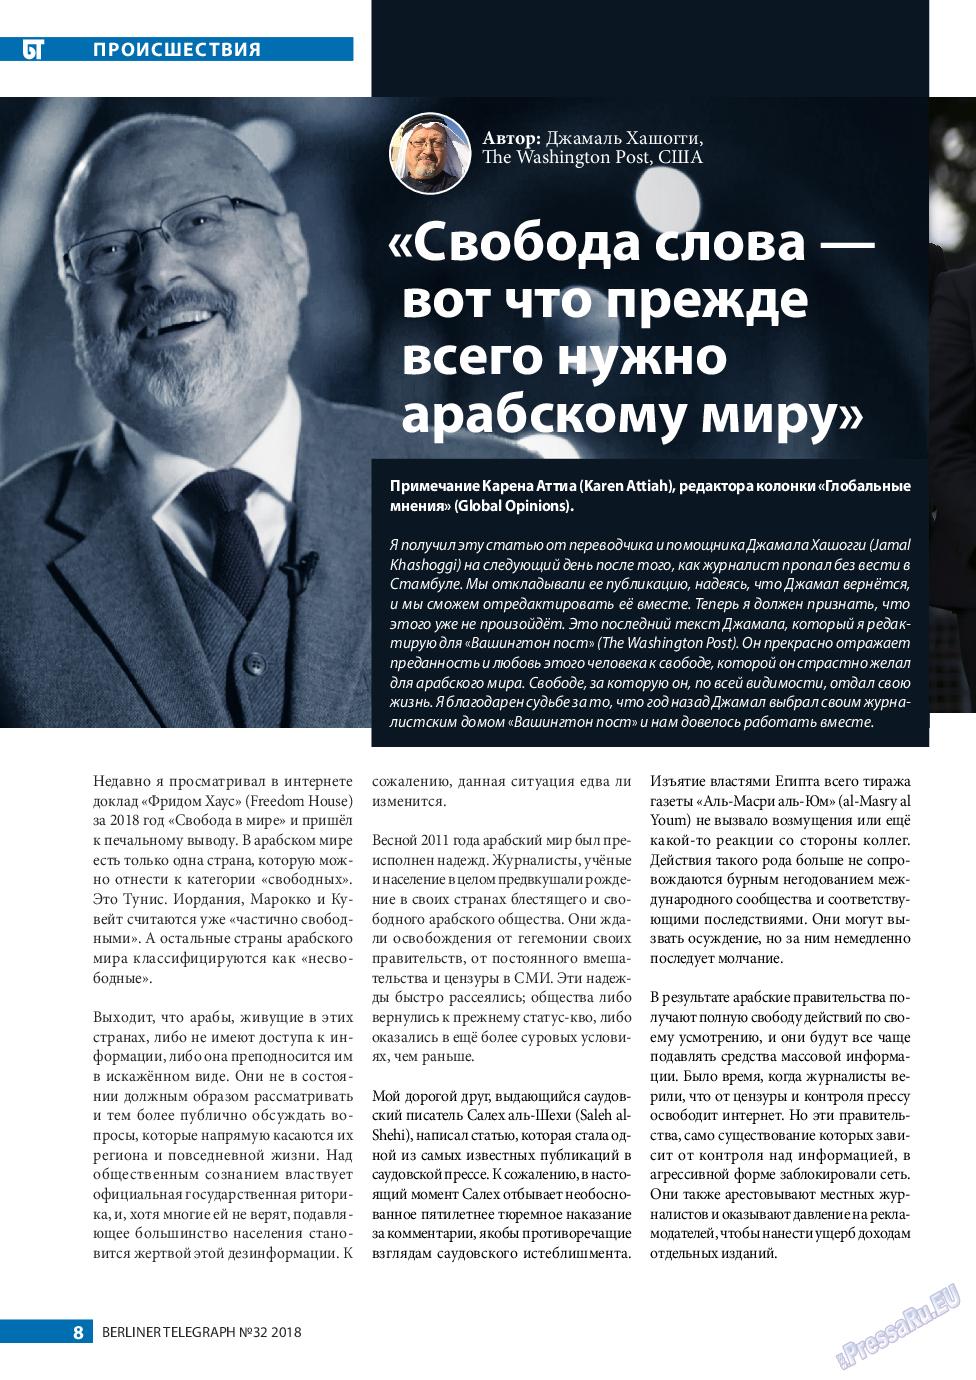 Берлинский телеграф (журнал). 2018 год, номер 32, стр. 8